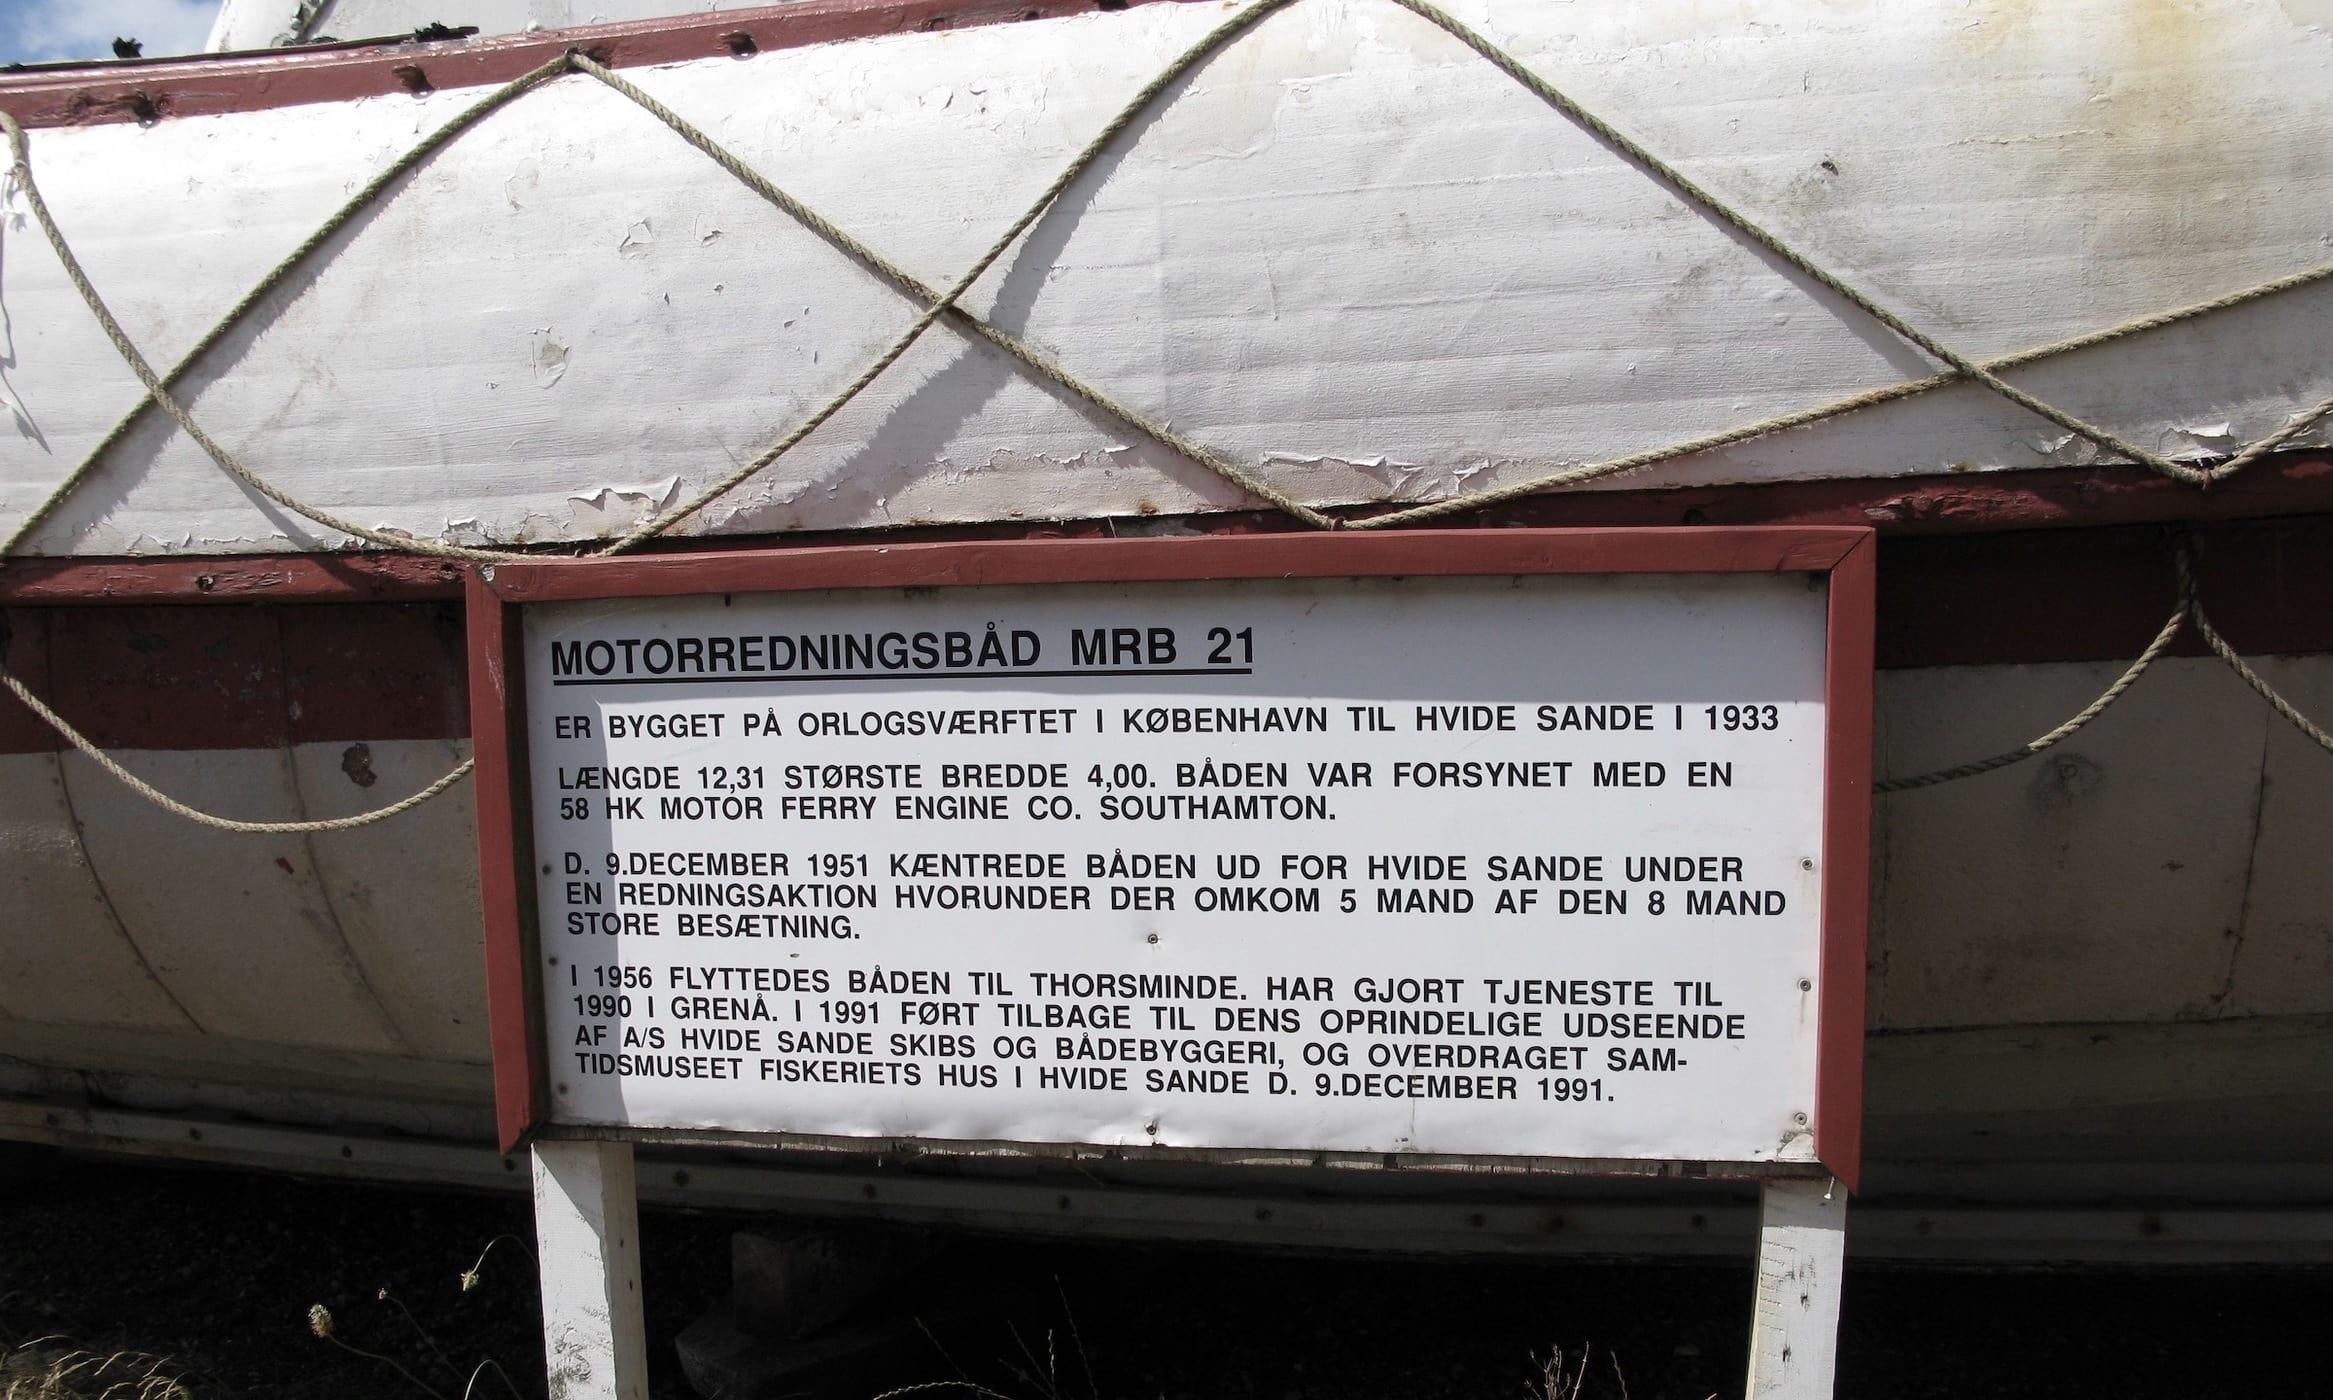 Motorredningsbåd MRB 21 fotograferet 2018 ved Redningsmuseet